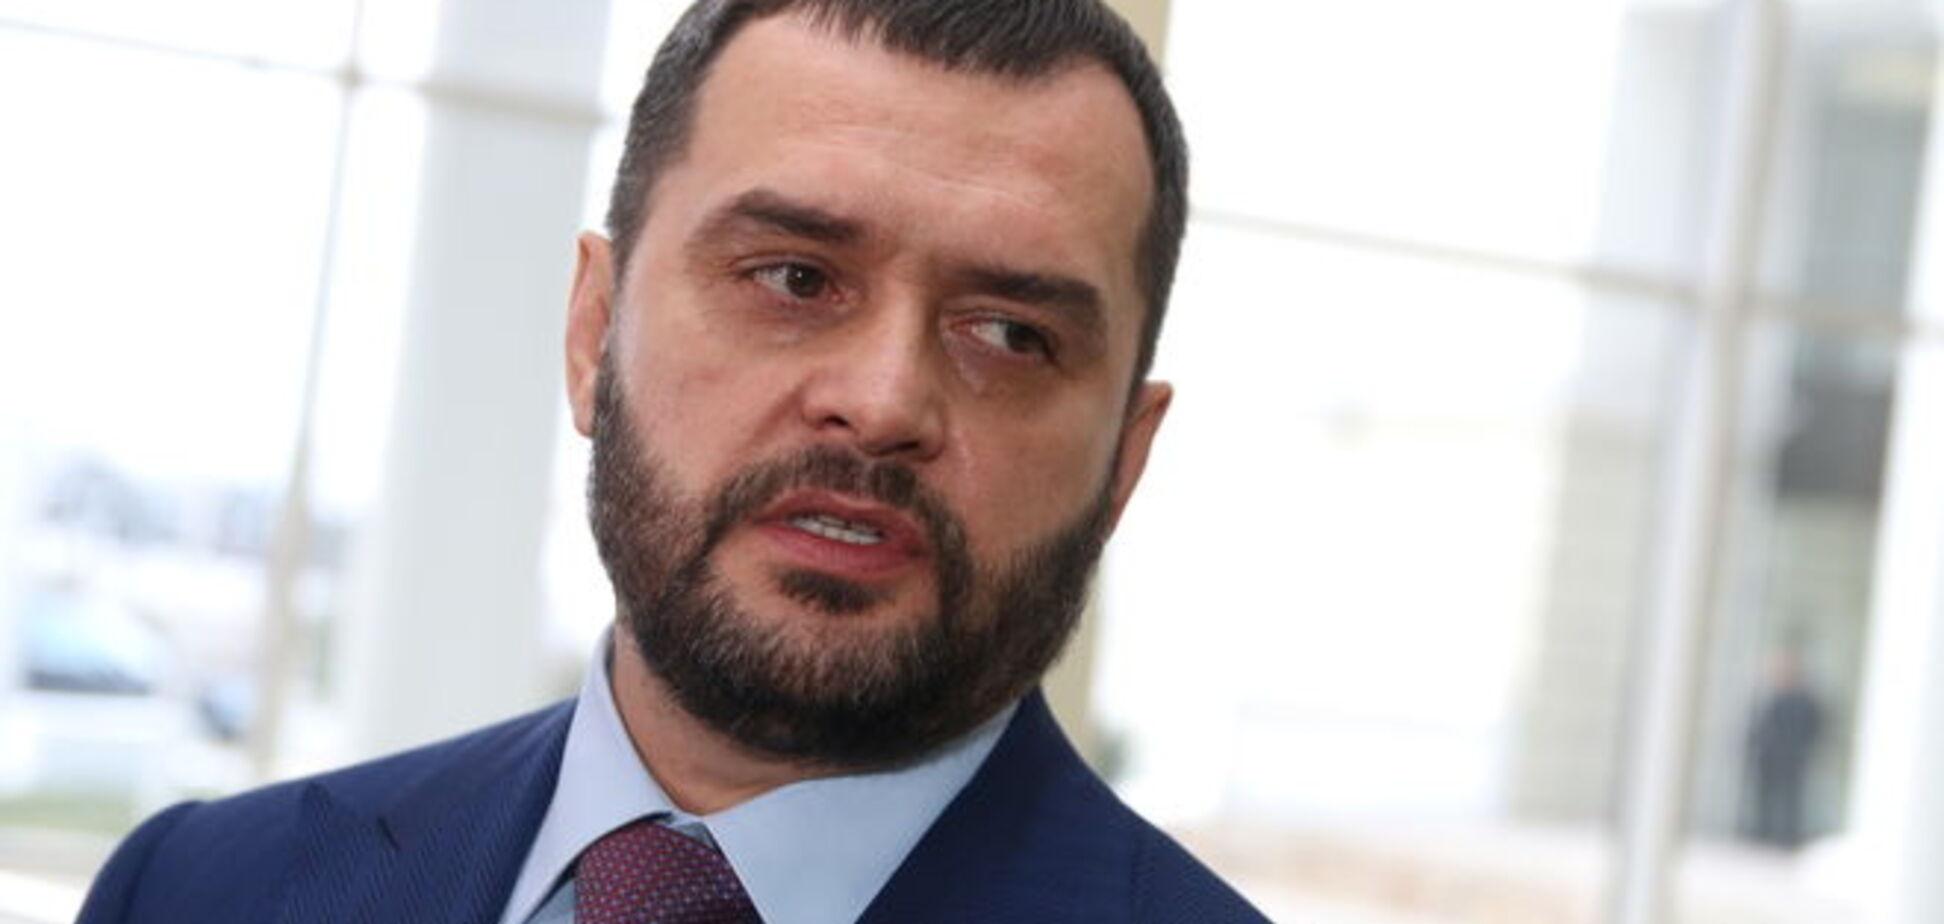 Захарченко створив в Криму штаб підготовки терористів - комбат